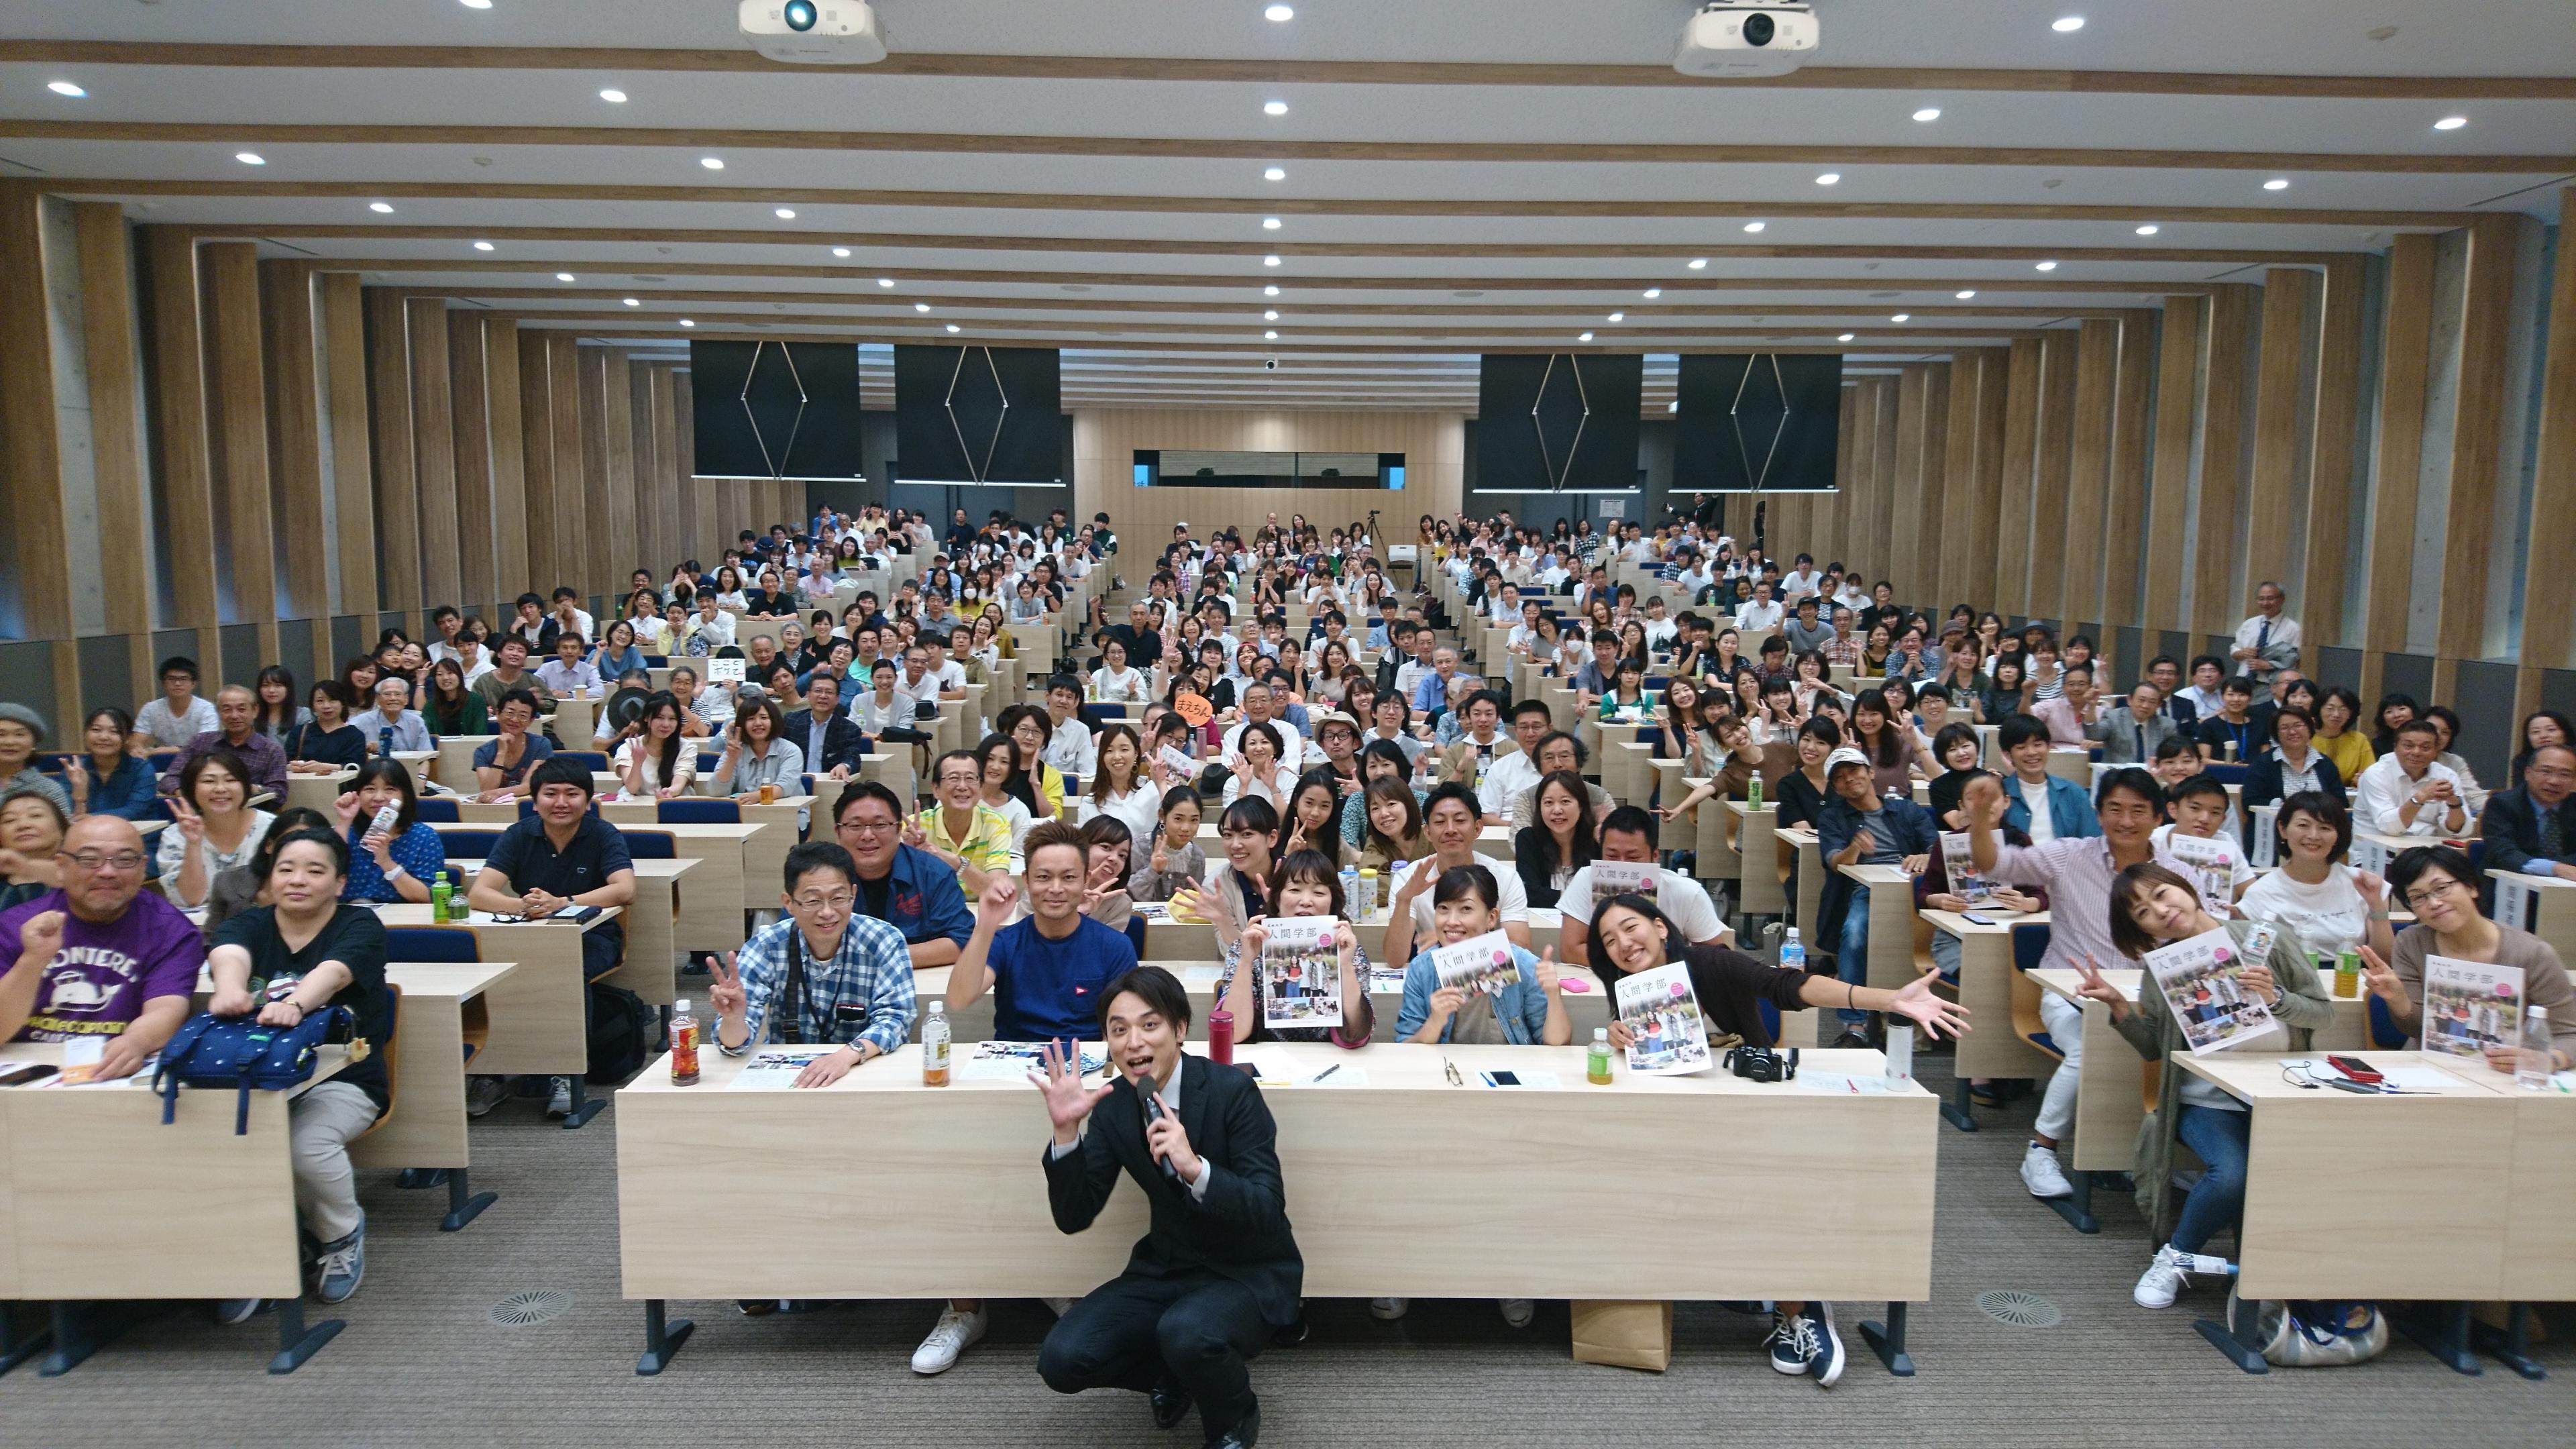 人気芸人の大前亮将さんが「笑いの世界」を講義